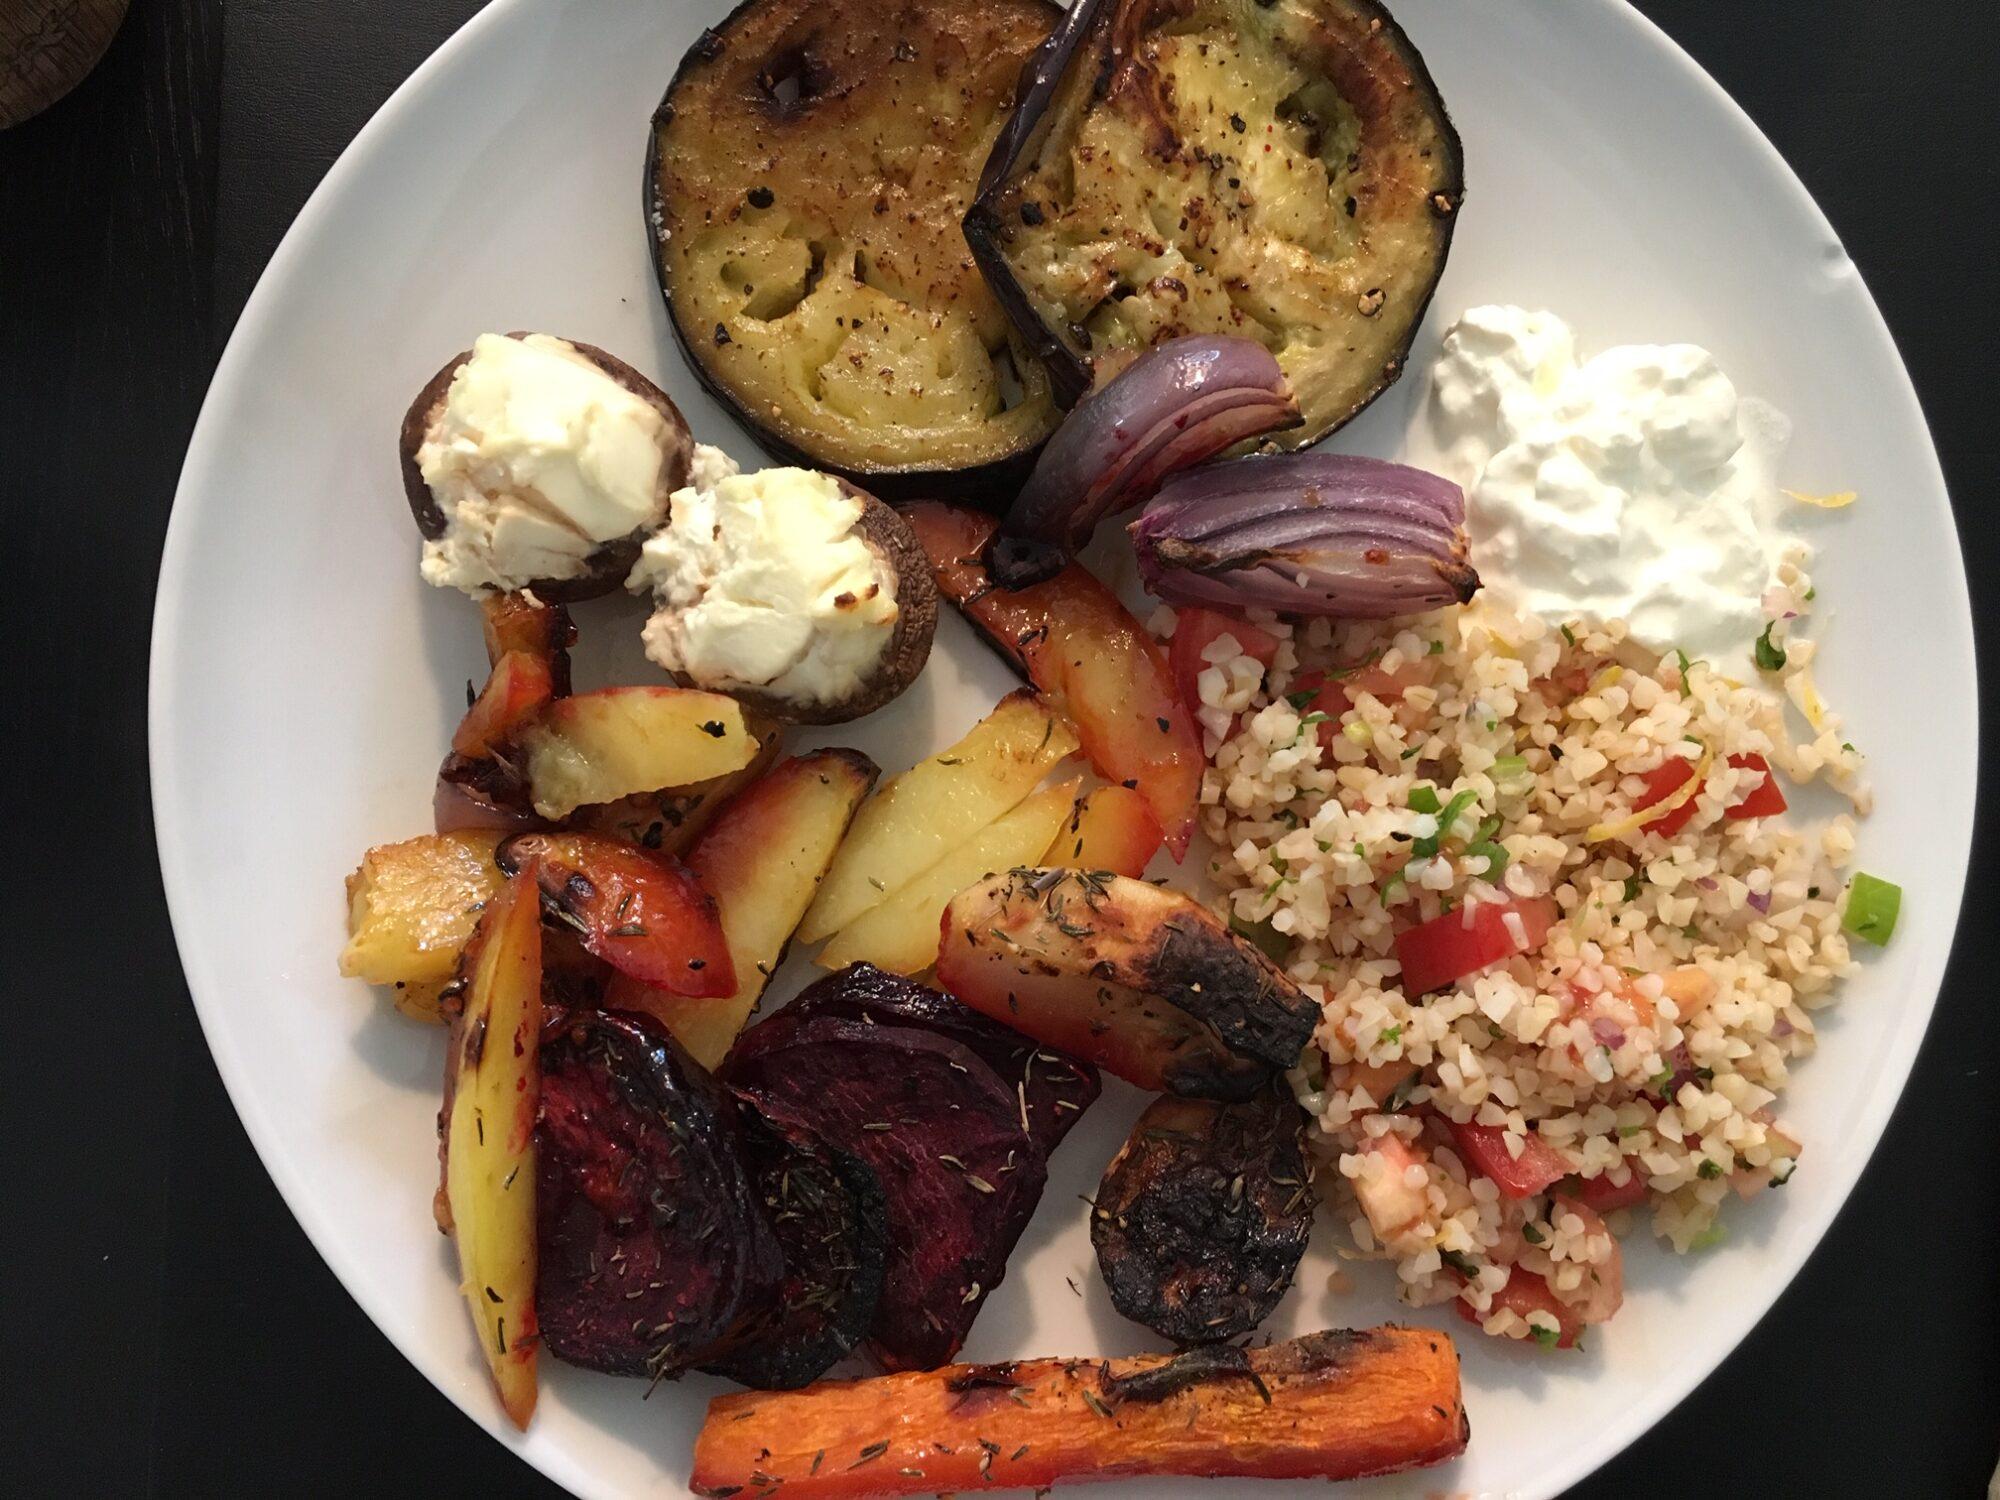 Vegetar ret med lidt af hvert. Bulgur salat, stegt aubergine, fyldte champignon og bagte rodfrugter.